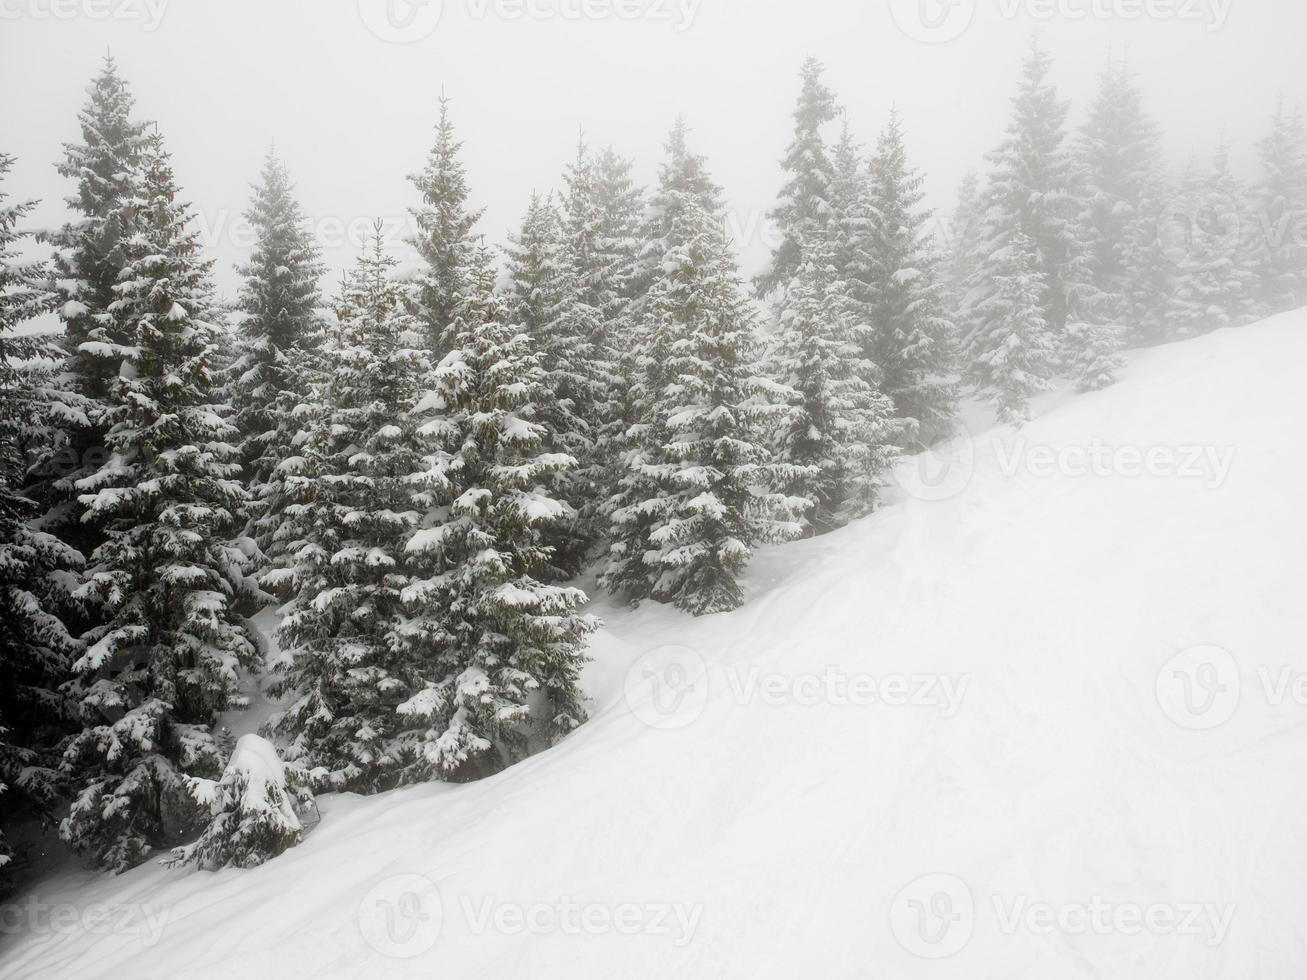 alberi coperti di neve nella nebbia foto